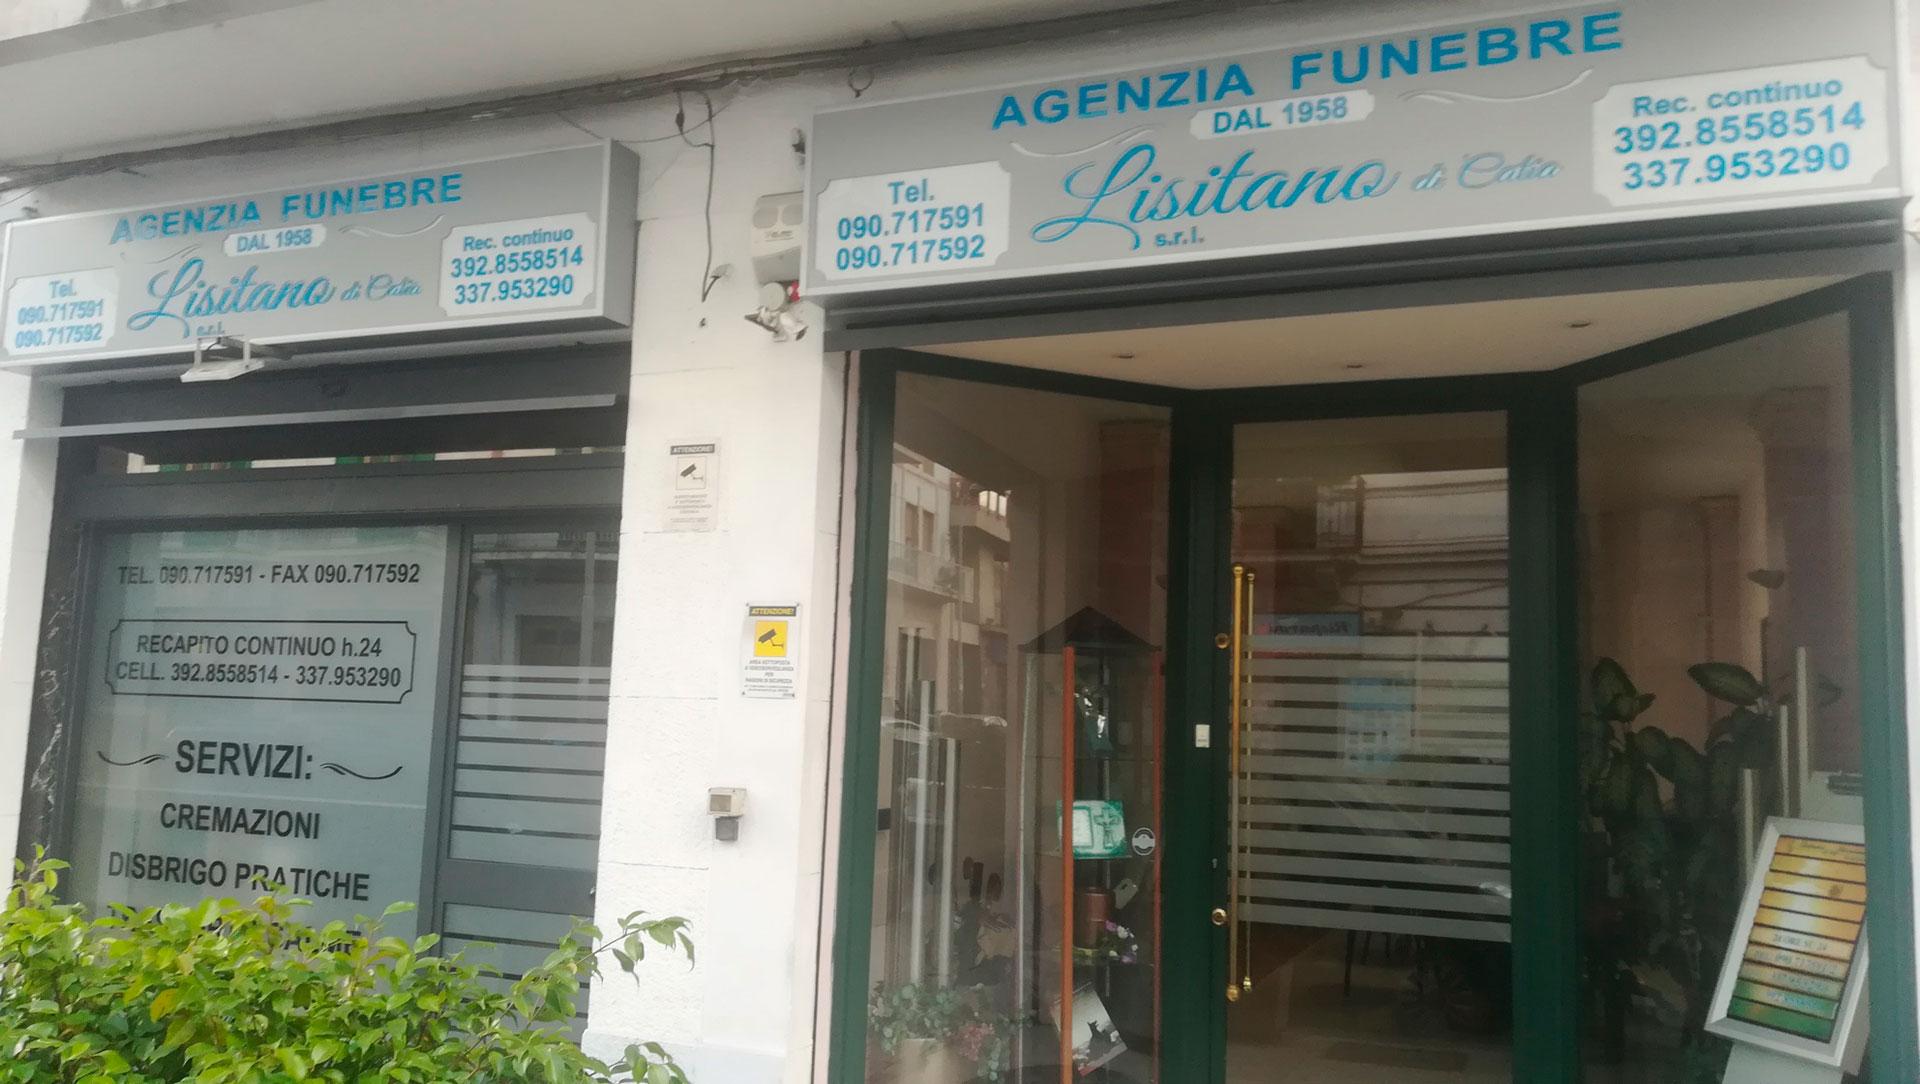 Cremazioni a Messina